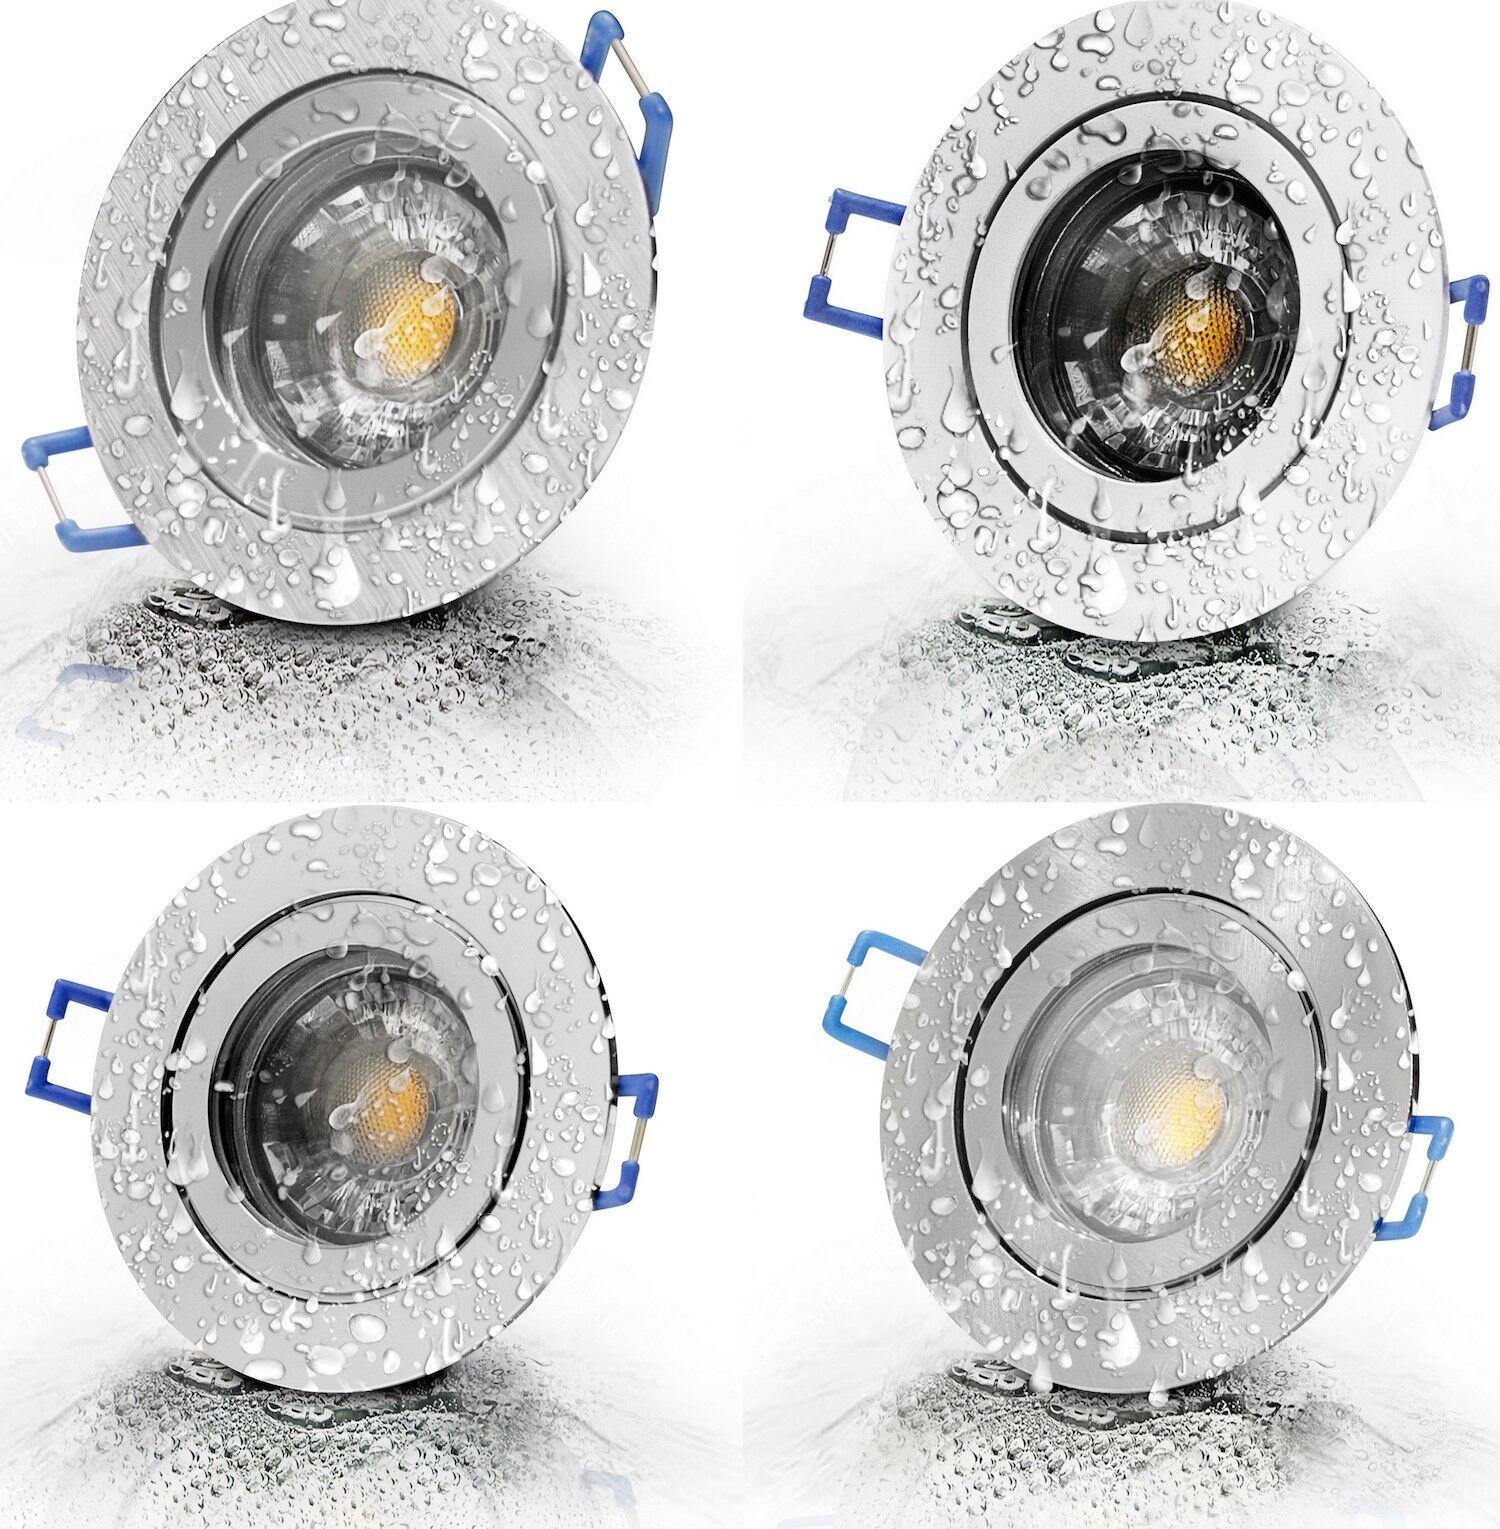 12Volt LED Bad Einbaulampen Sets   Gu 5.3   3W   IP44   Schutzglas   LED Treiber